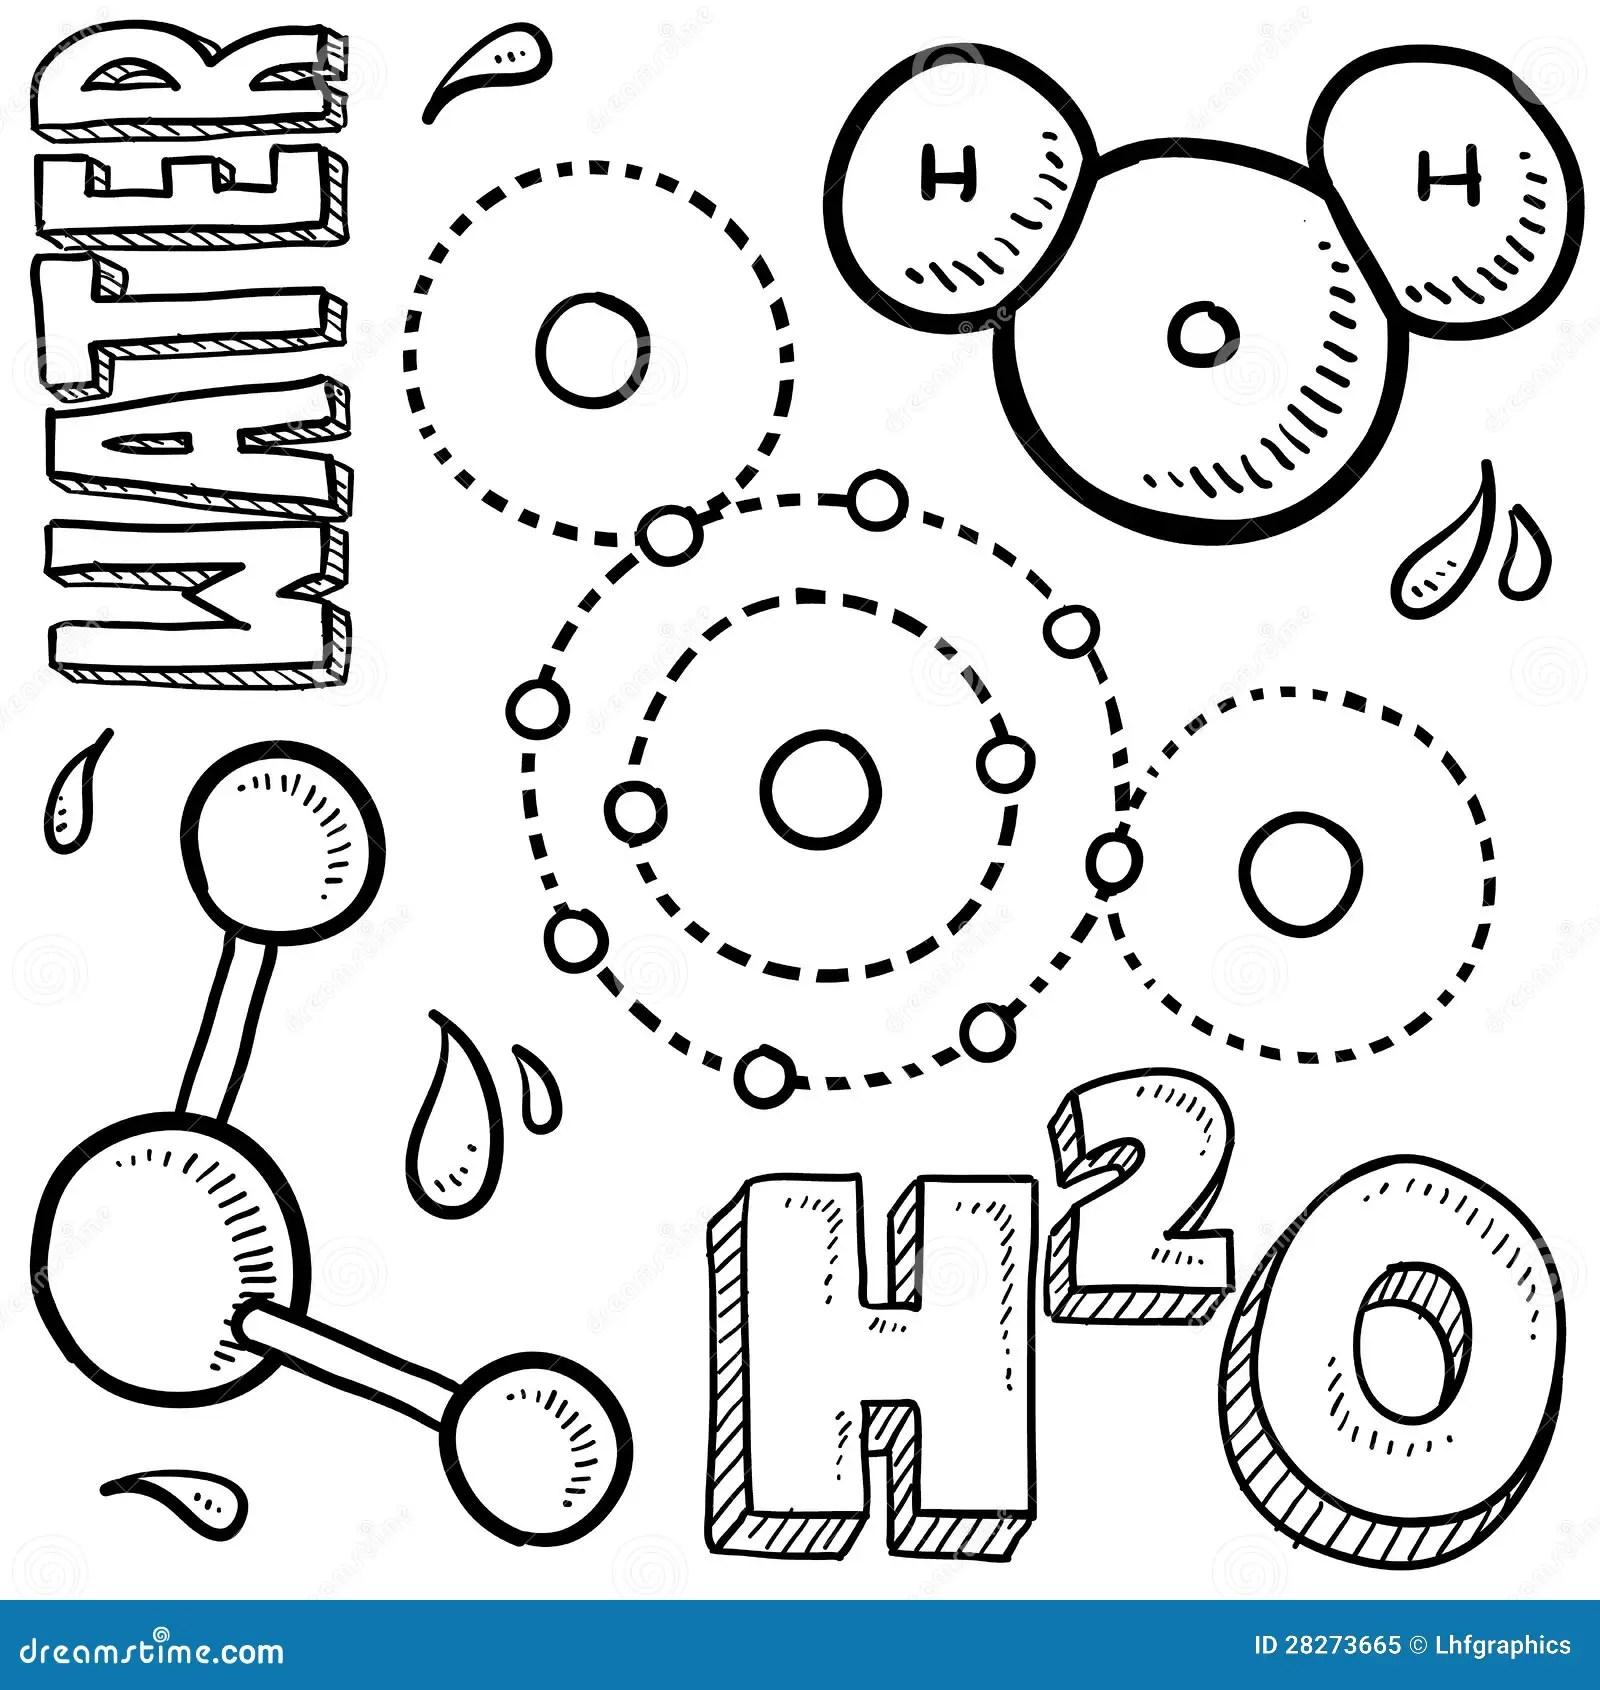 Water Molecule Science Sketch Stock Vector